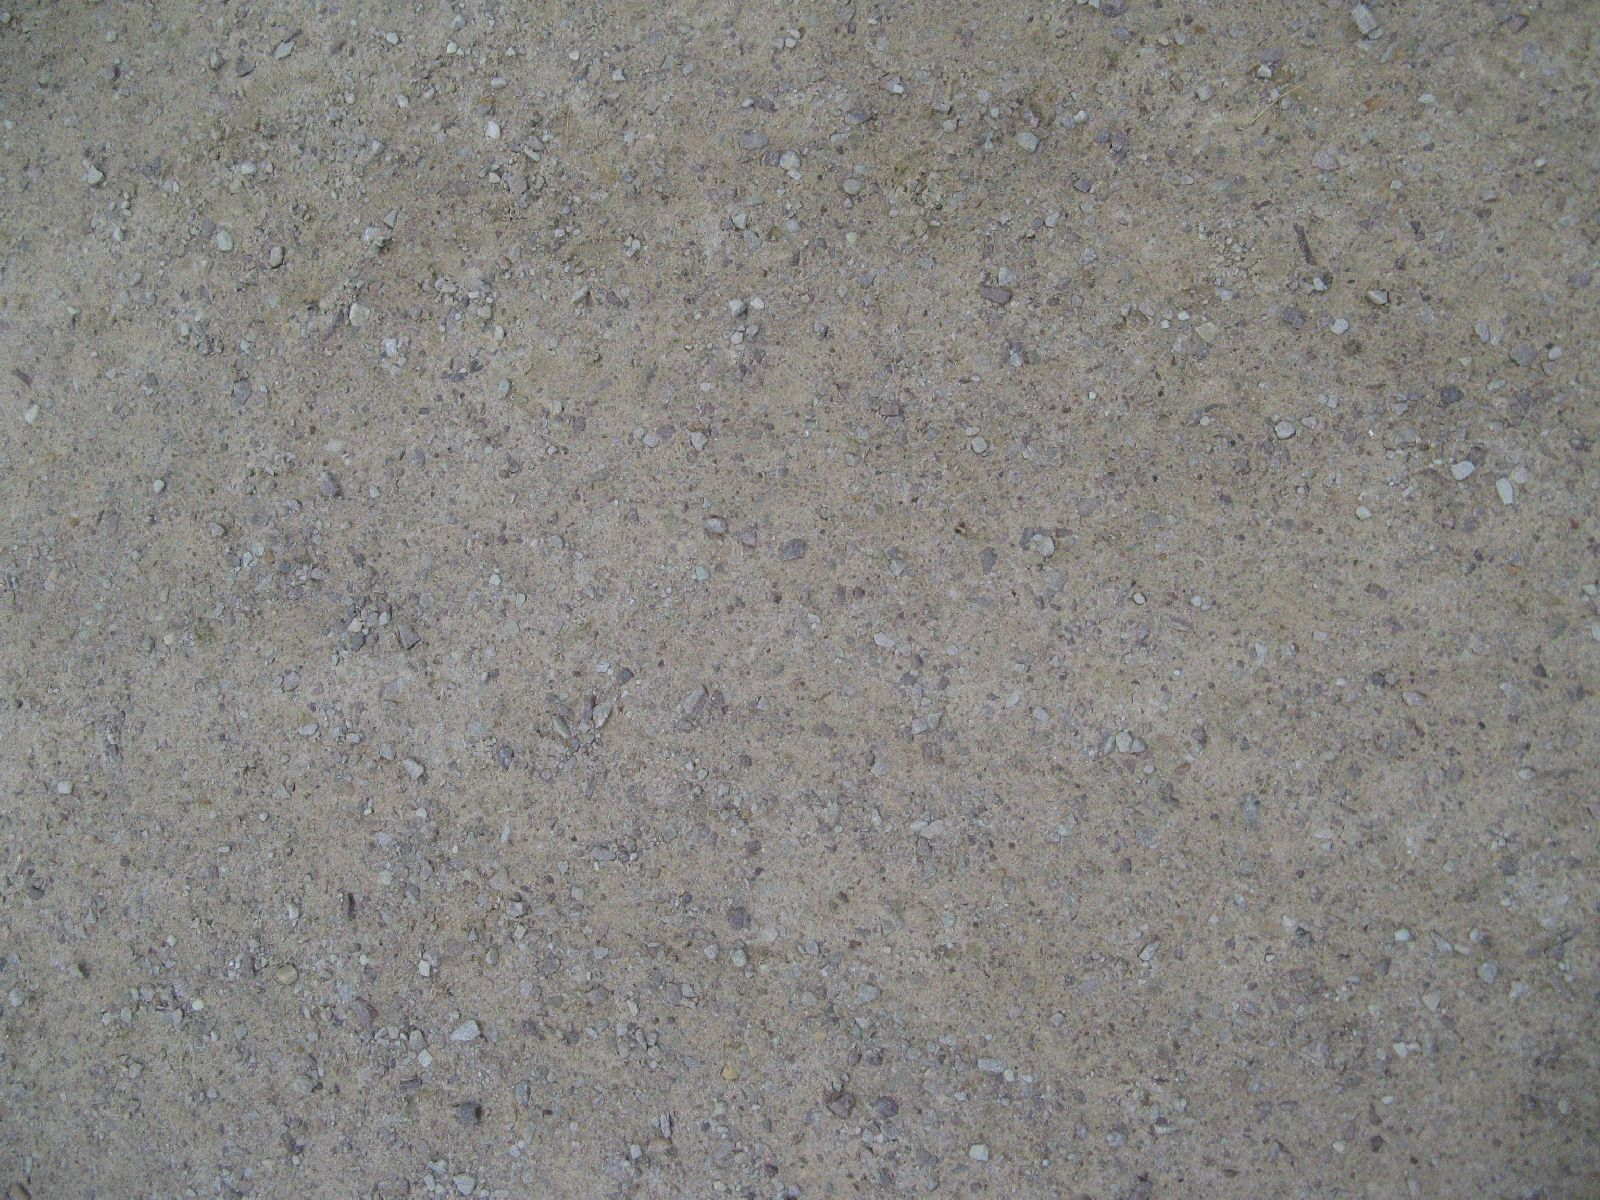 Ground-Urban_Texture_B_2390